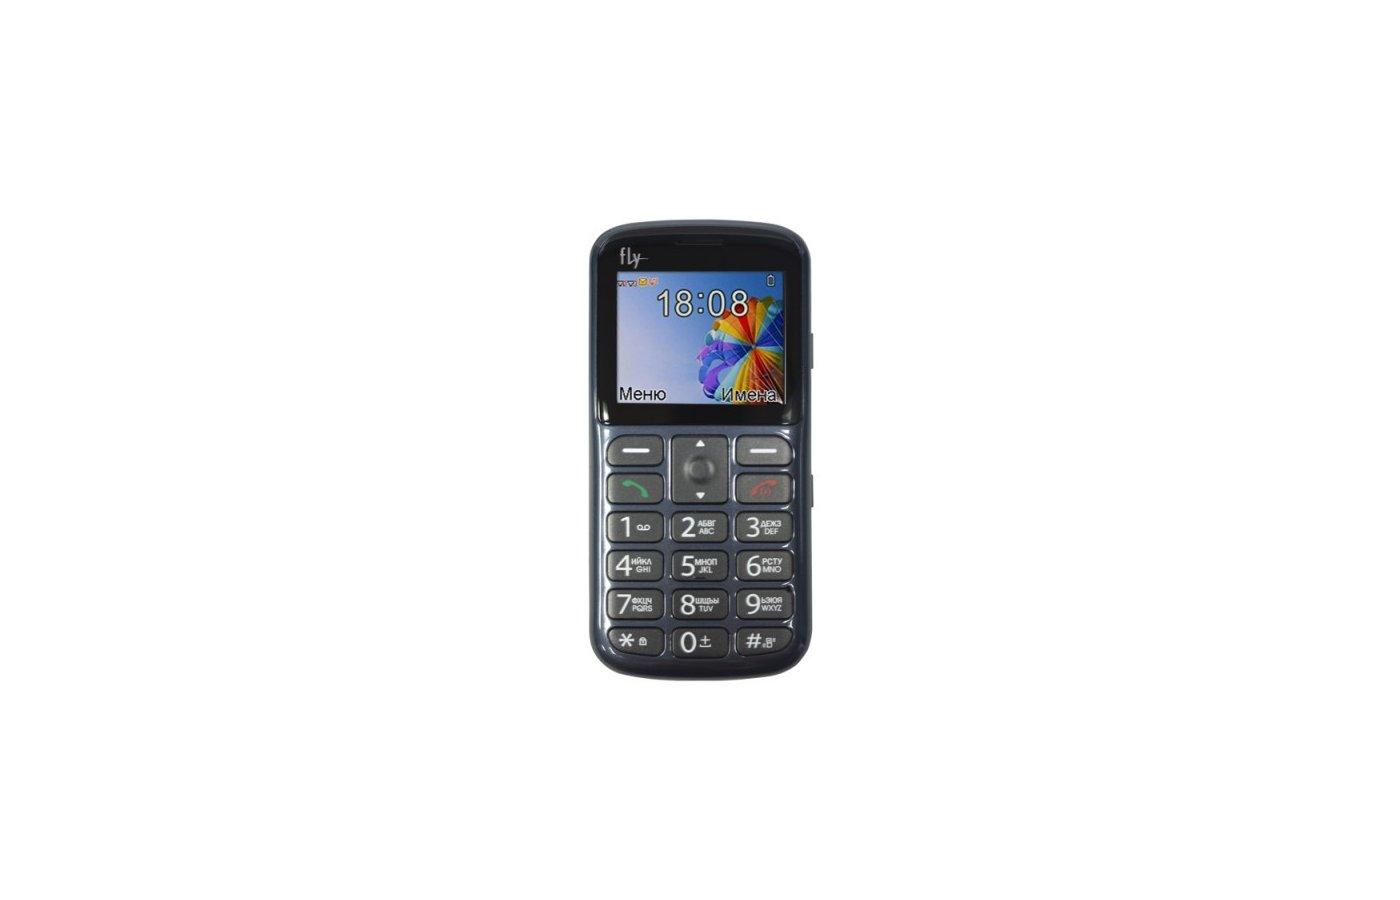 Мобильный телефон Fly Ezzy 8 Grey